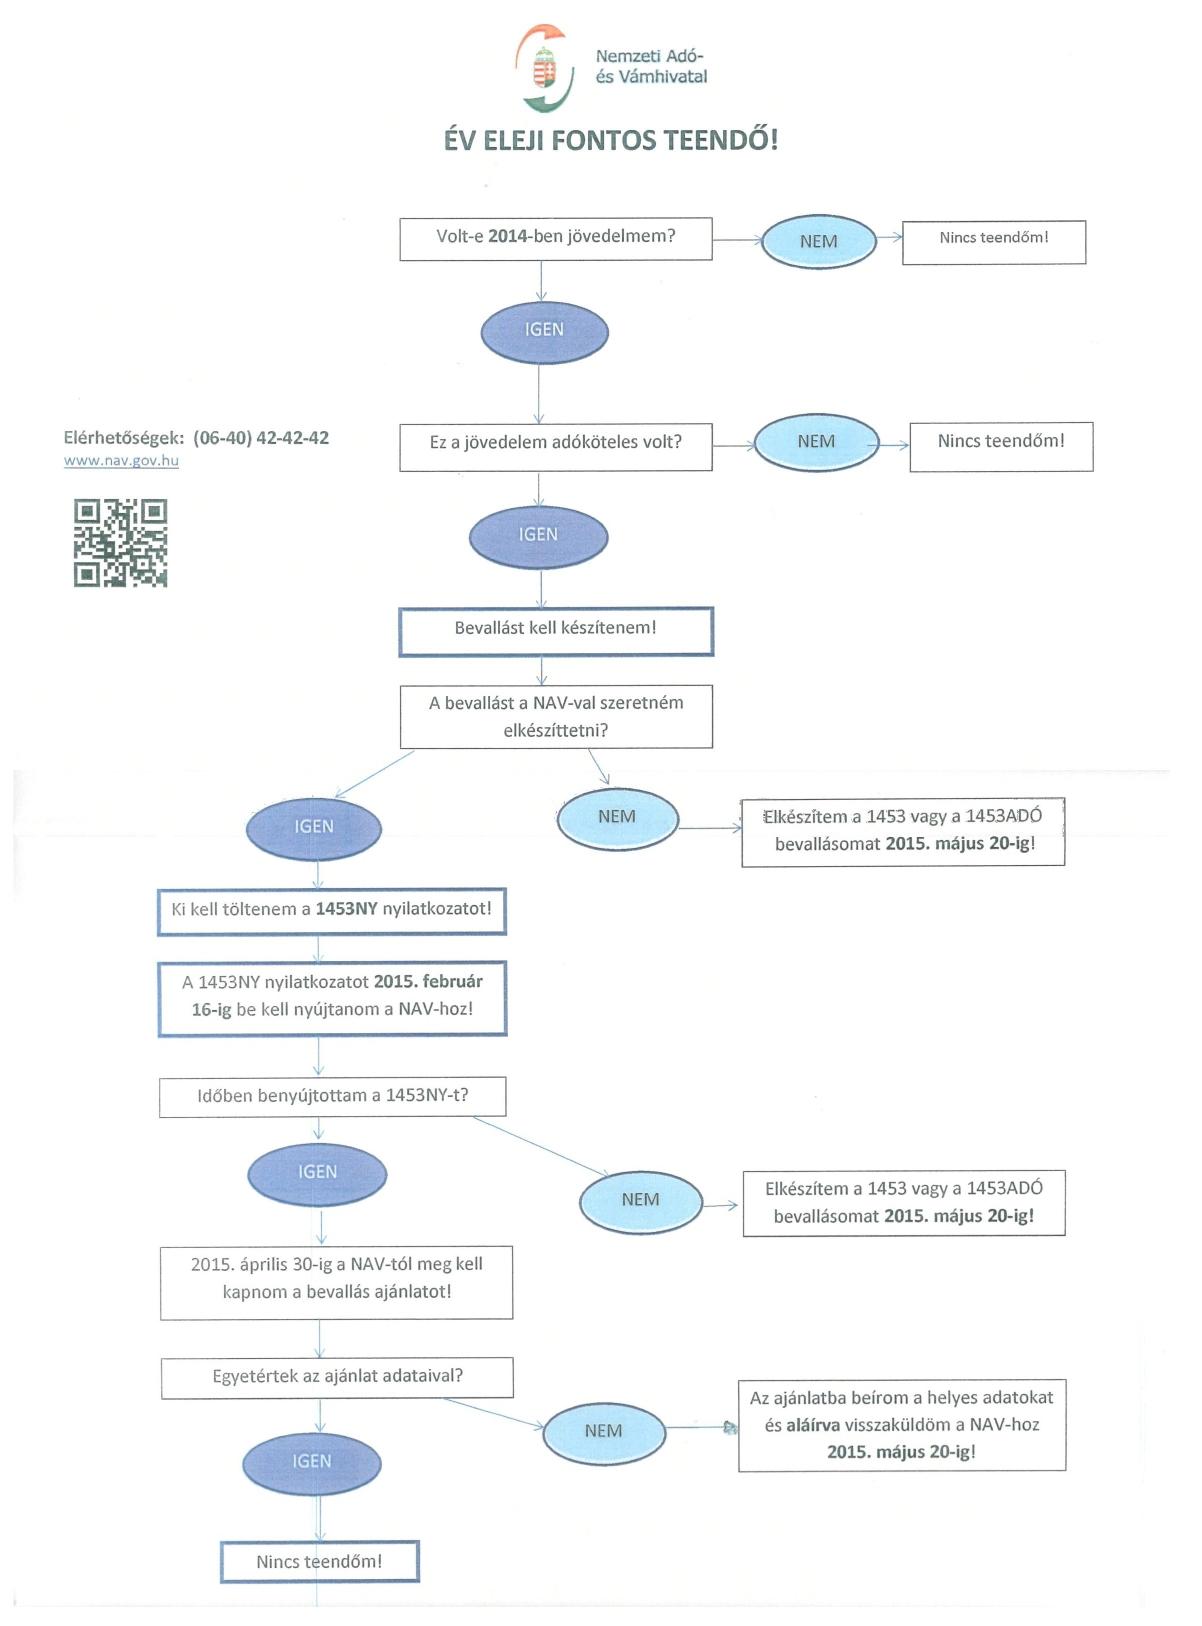 Hogyan nyújtsam be az adóbevallásomat? Folyamatábra a NAV-tól